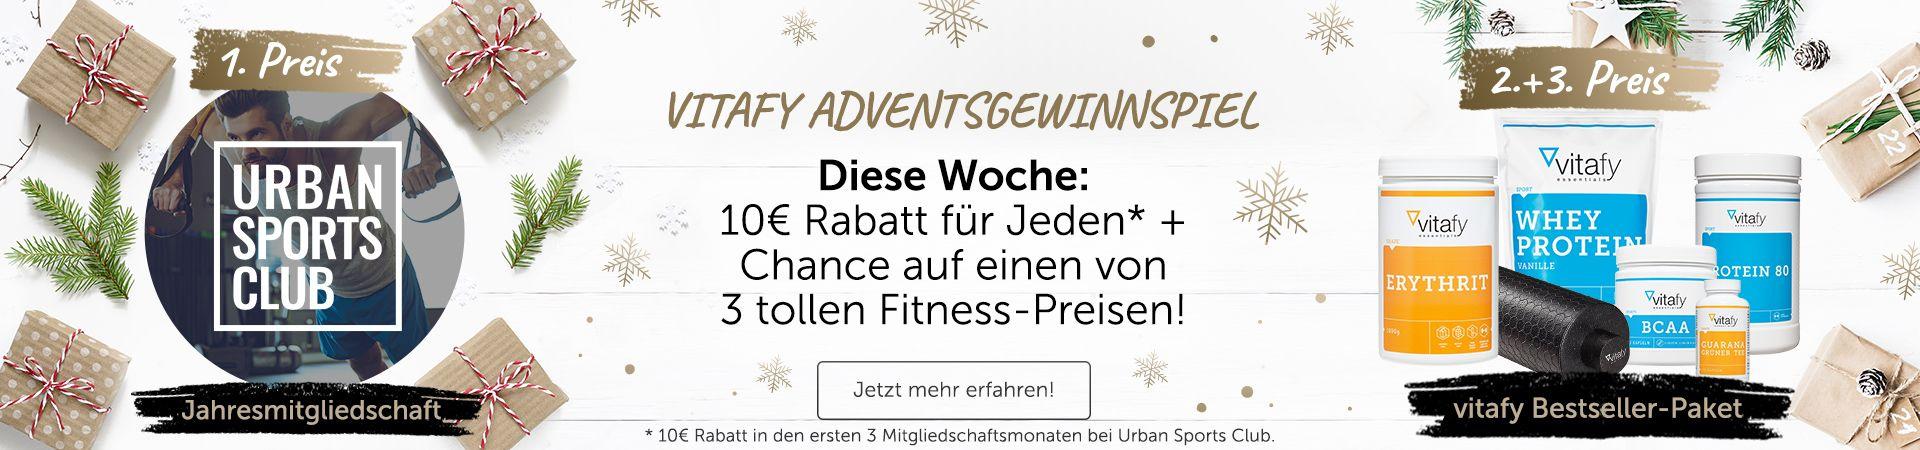 20181217_Adventskalender-Gewinnspiel_Woche4 USC + VE